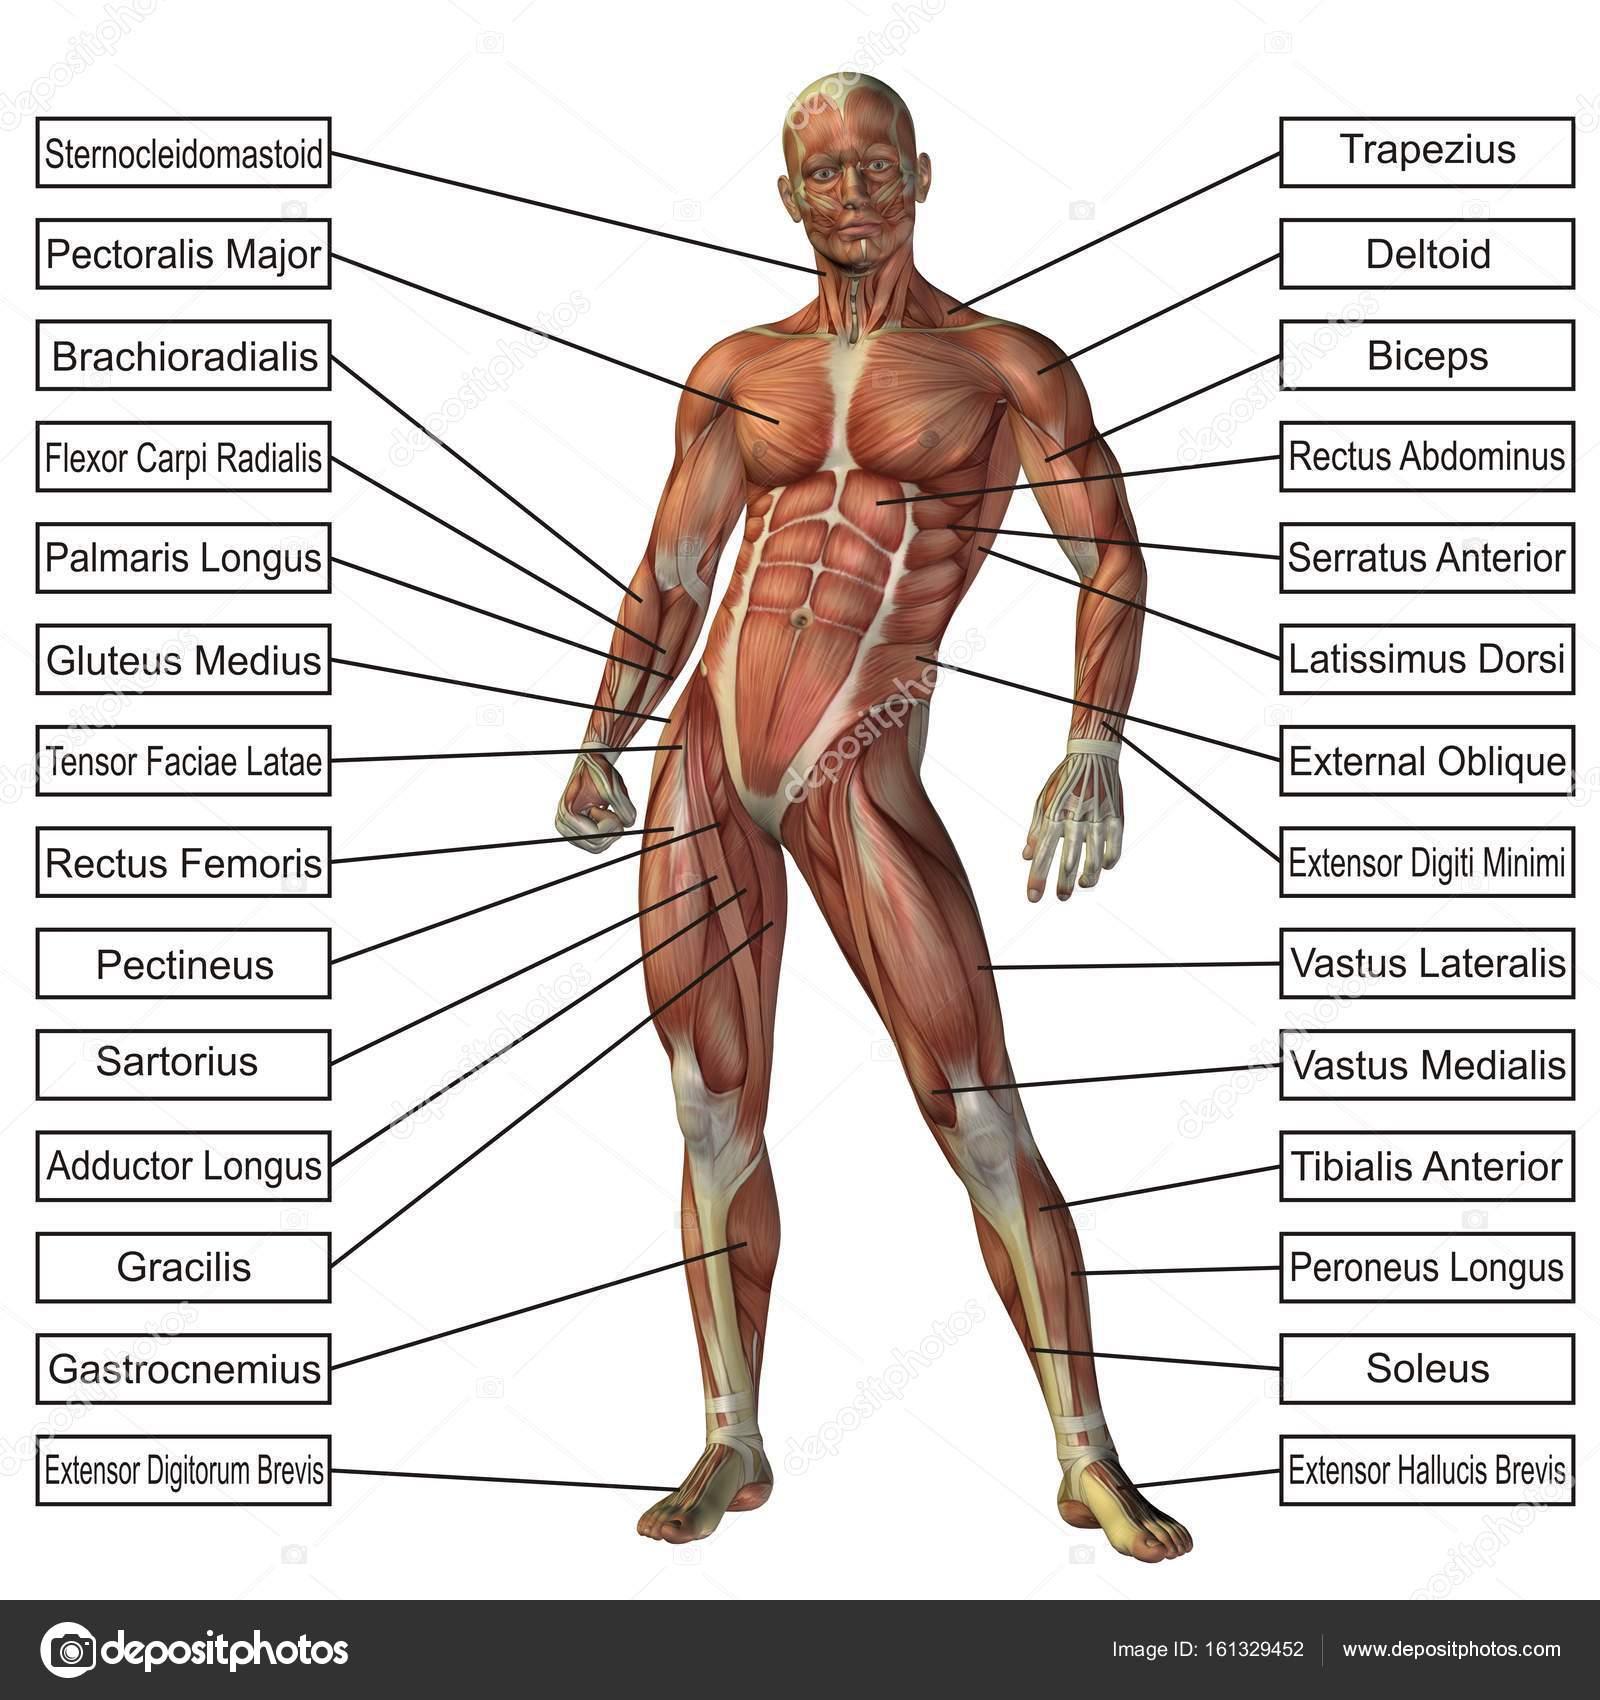 menschliche Anatomie Abbildung — Stockfoto © design36 #161329452